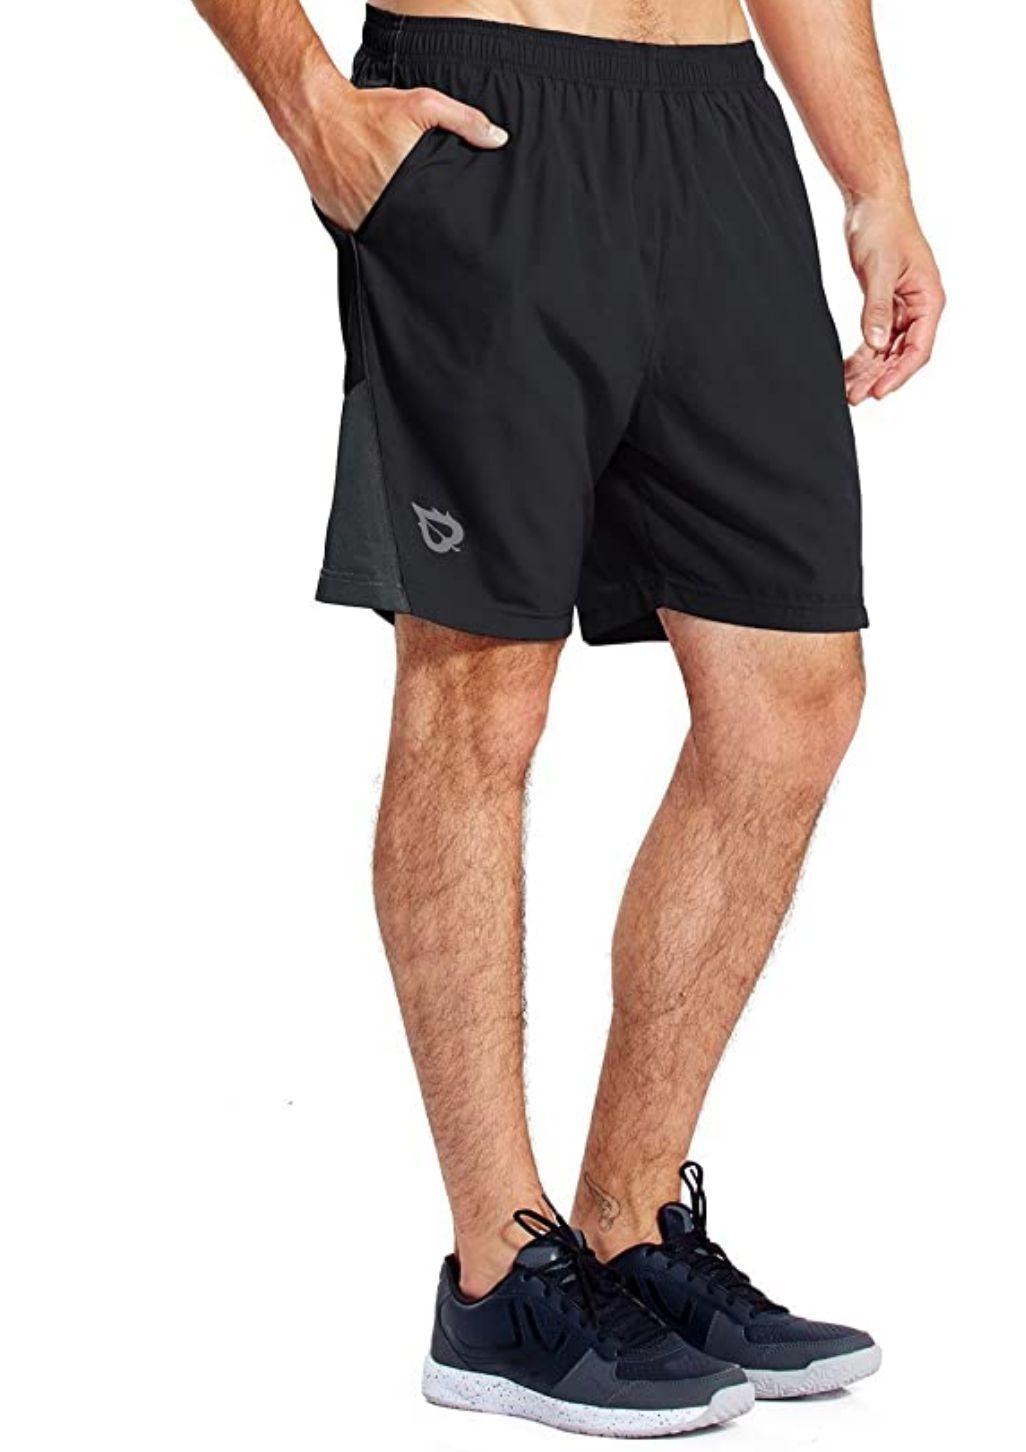 BALEAF 7'' Athletic Running Shorts